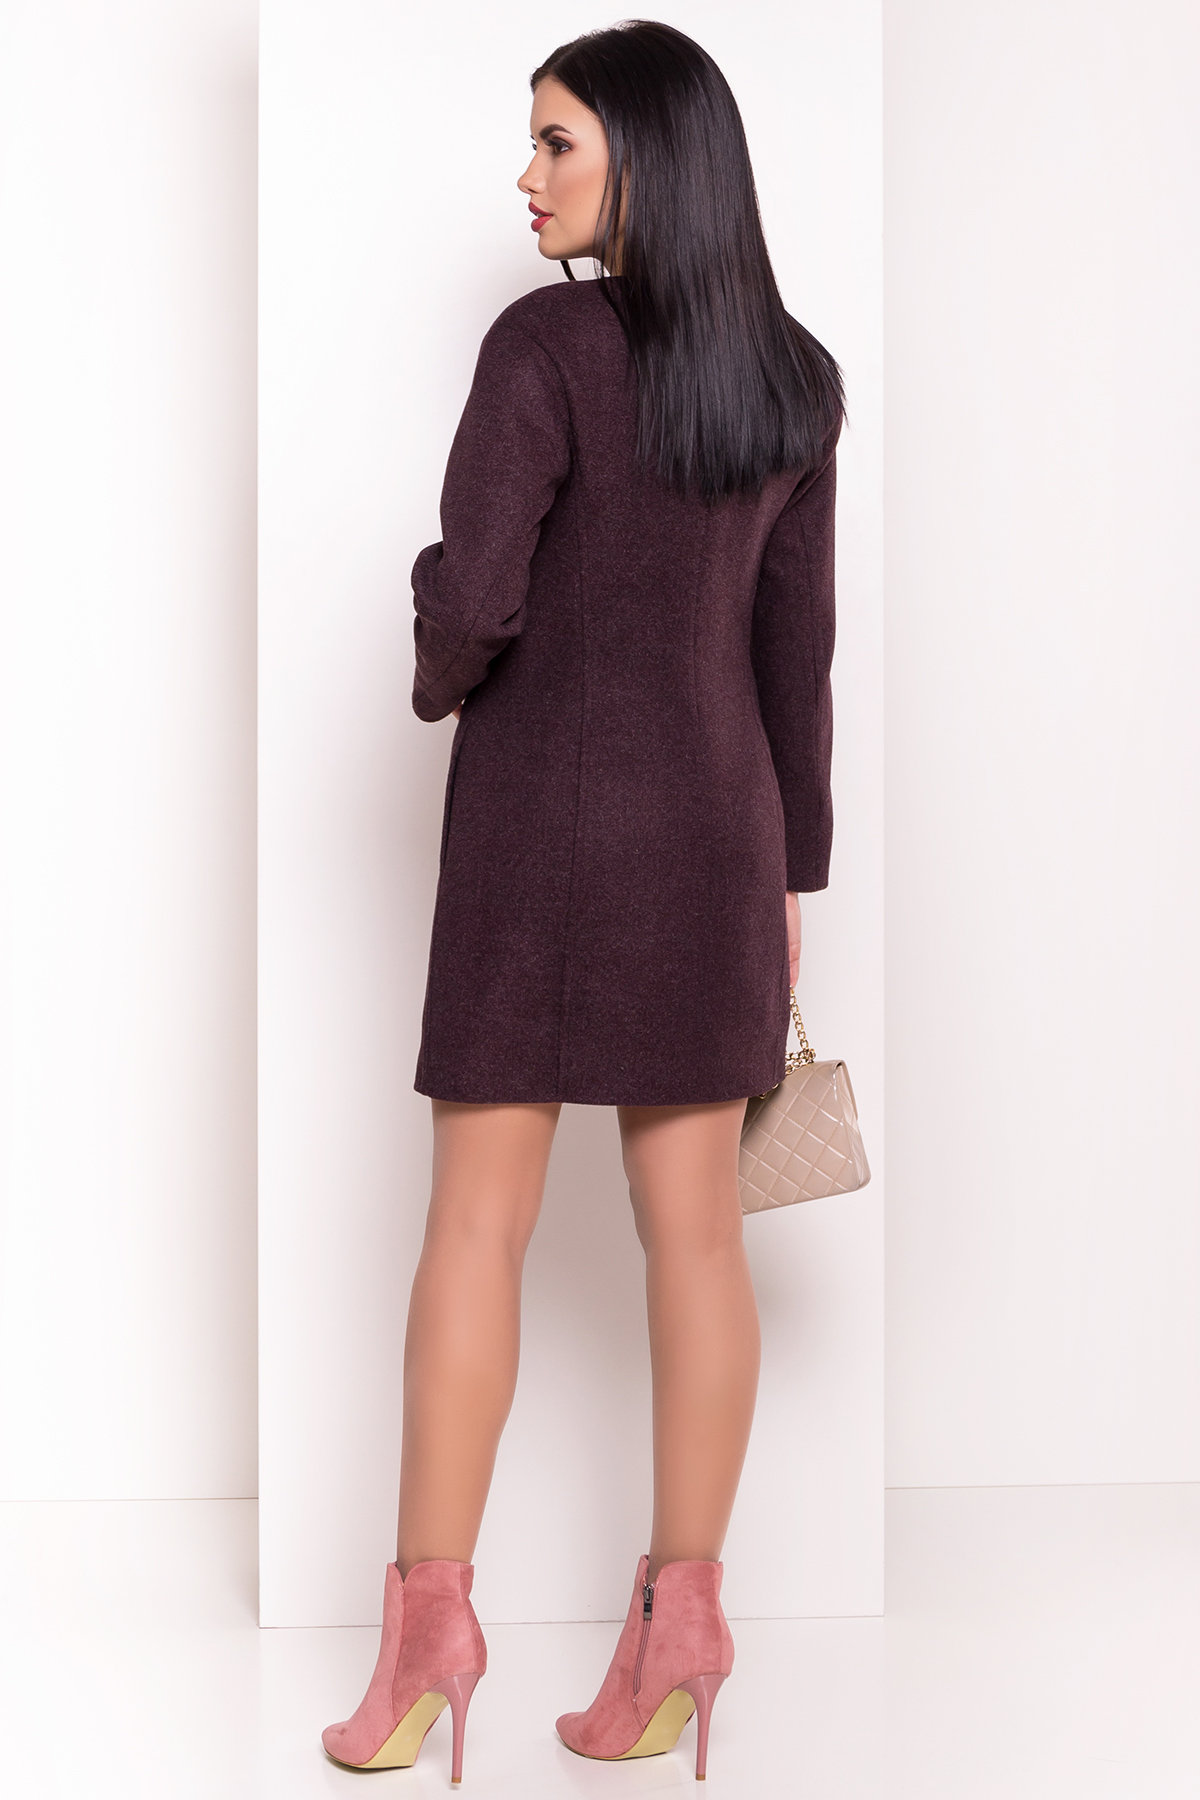 Пальто Авелони 4555 АРТ. 36676 Цвет: Марсала - фото 2, интернет магазин tm-modus.ru